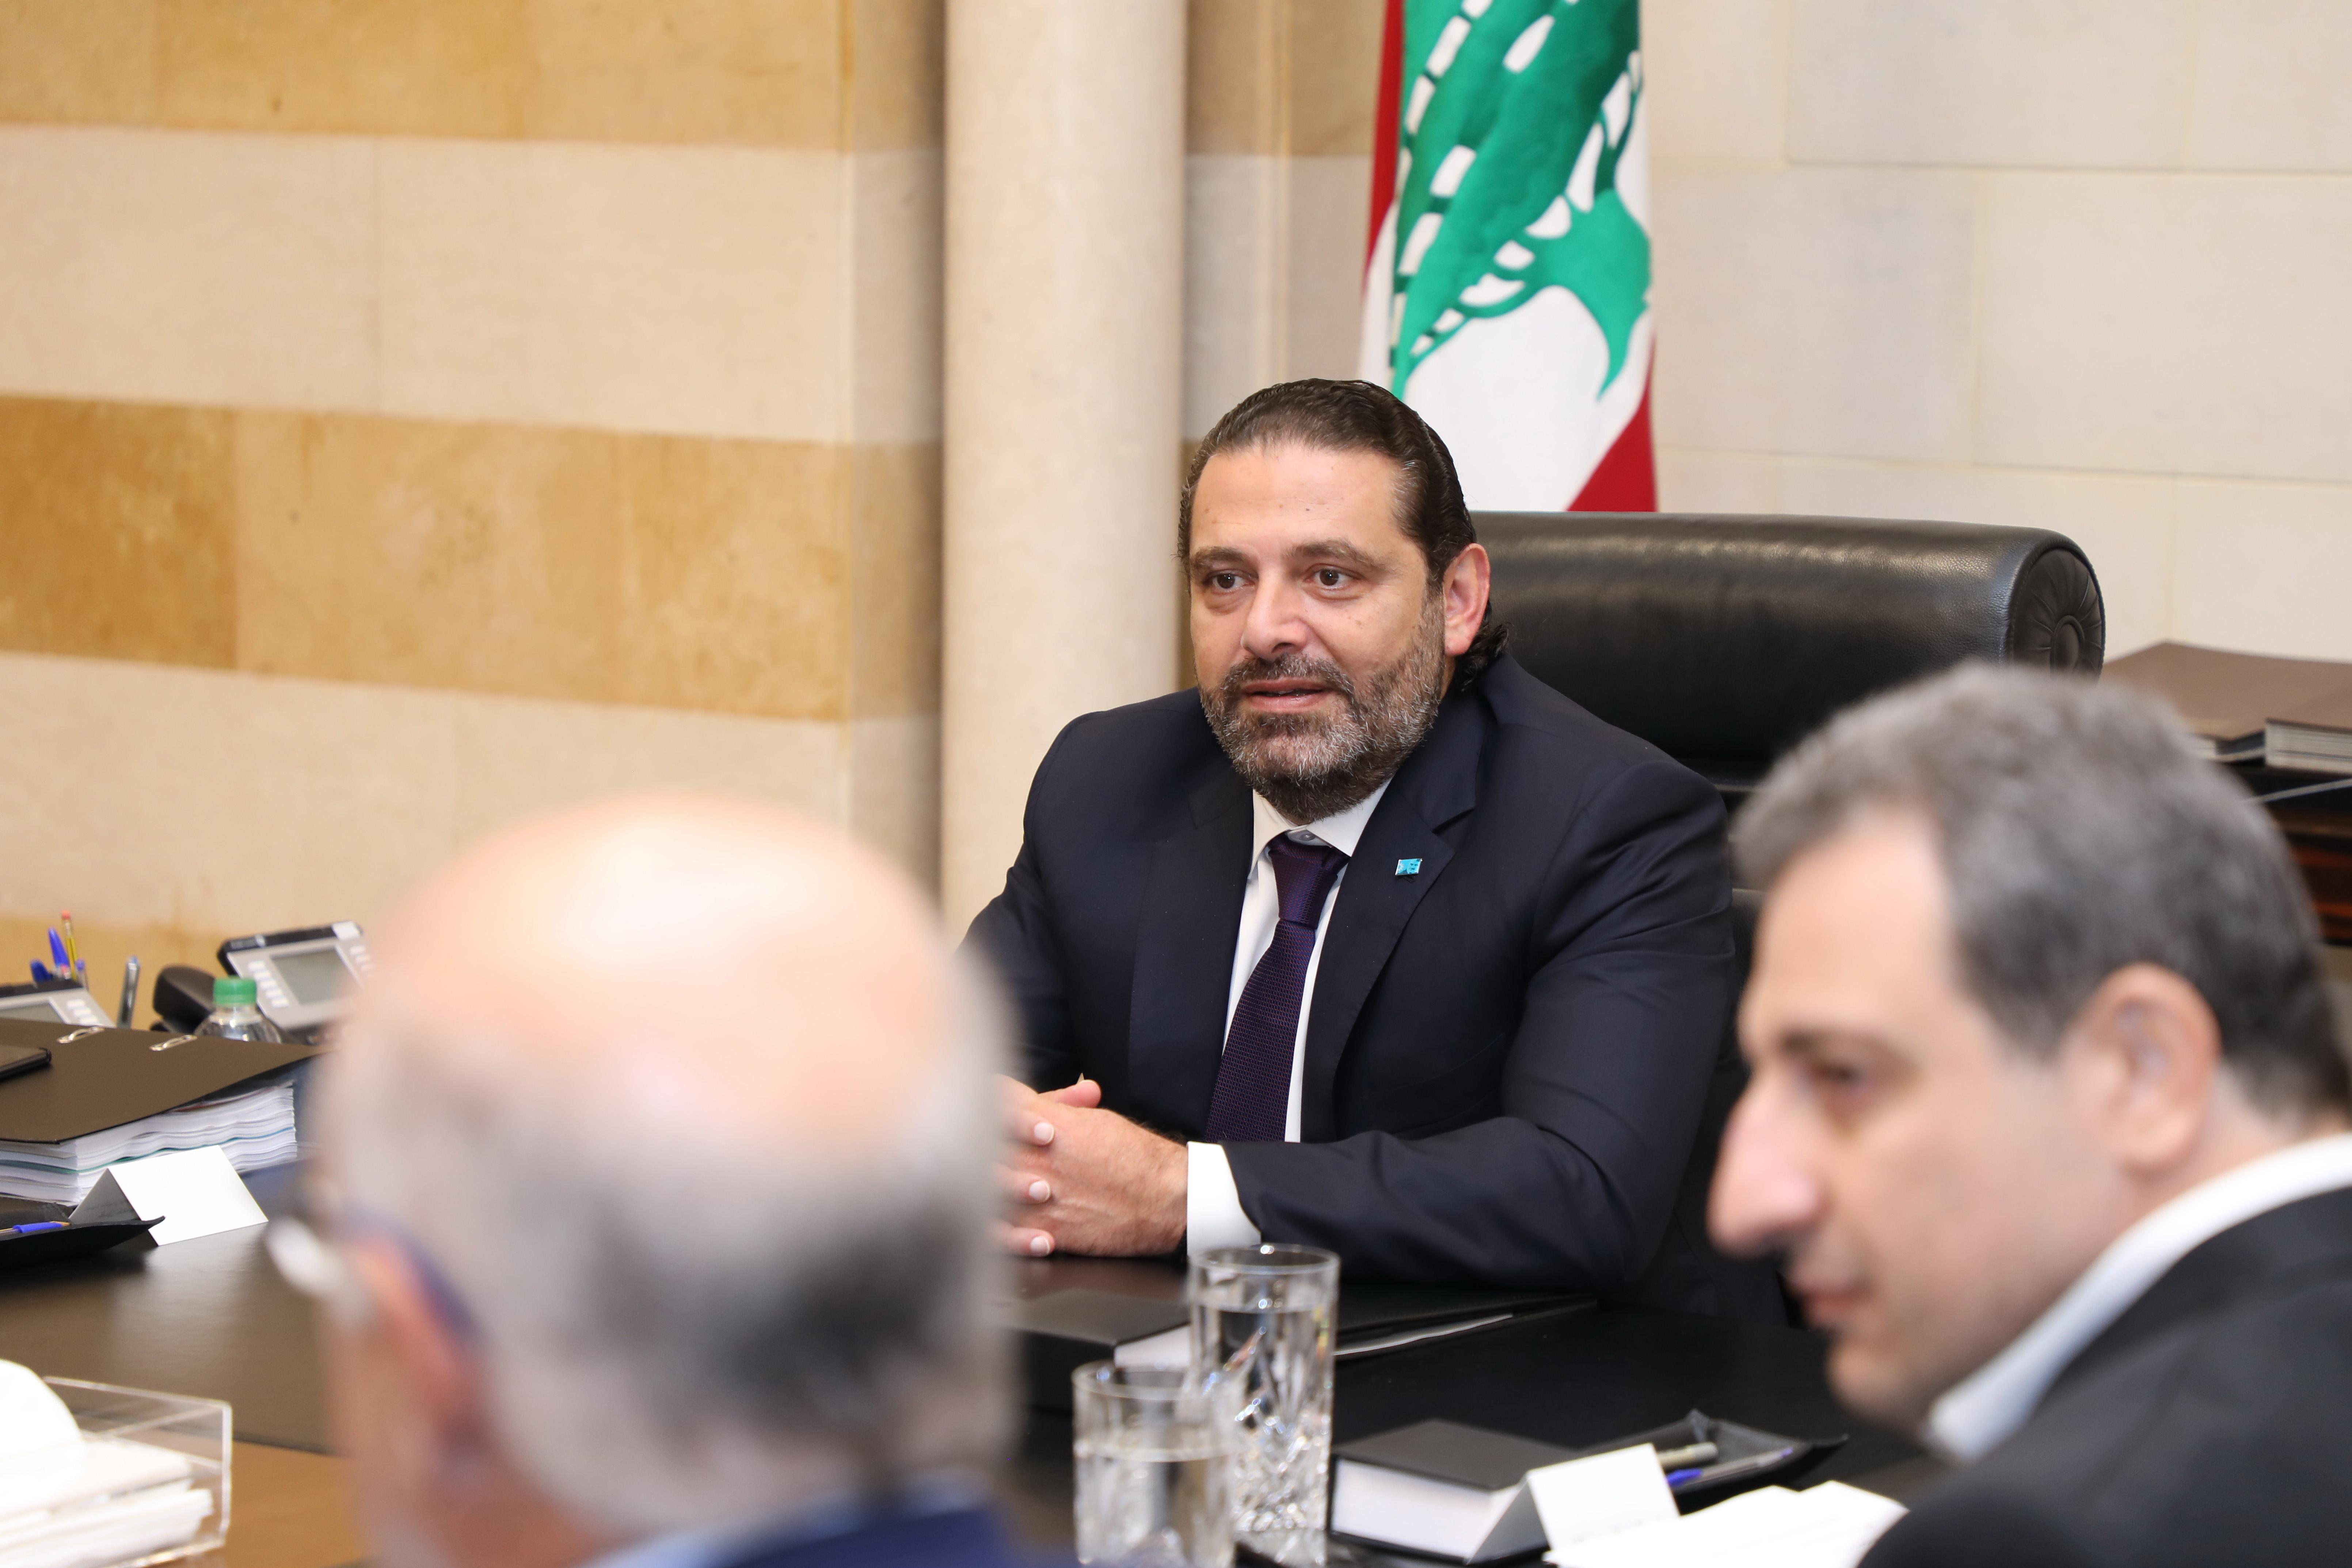 Pr Minister Saad Hariri Heading a Energy Committee 1